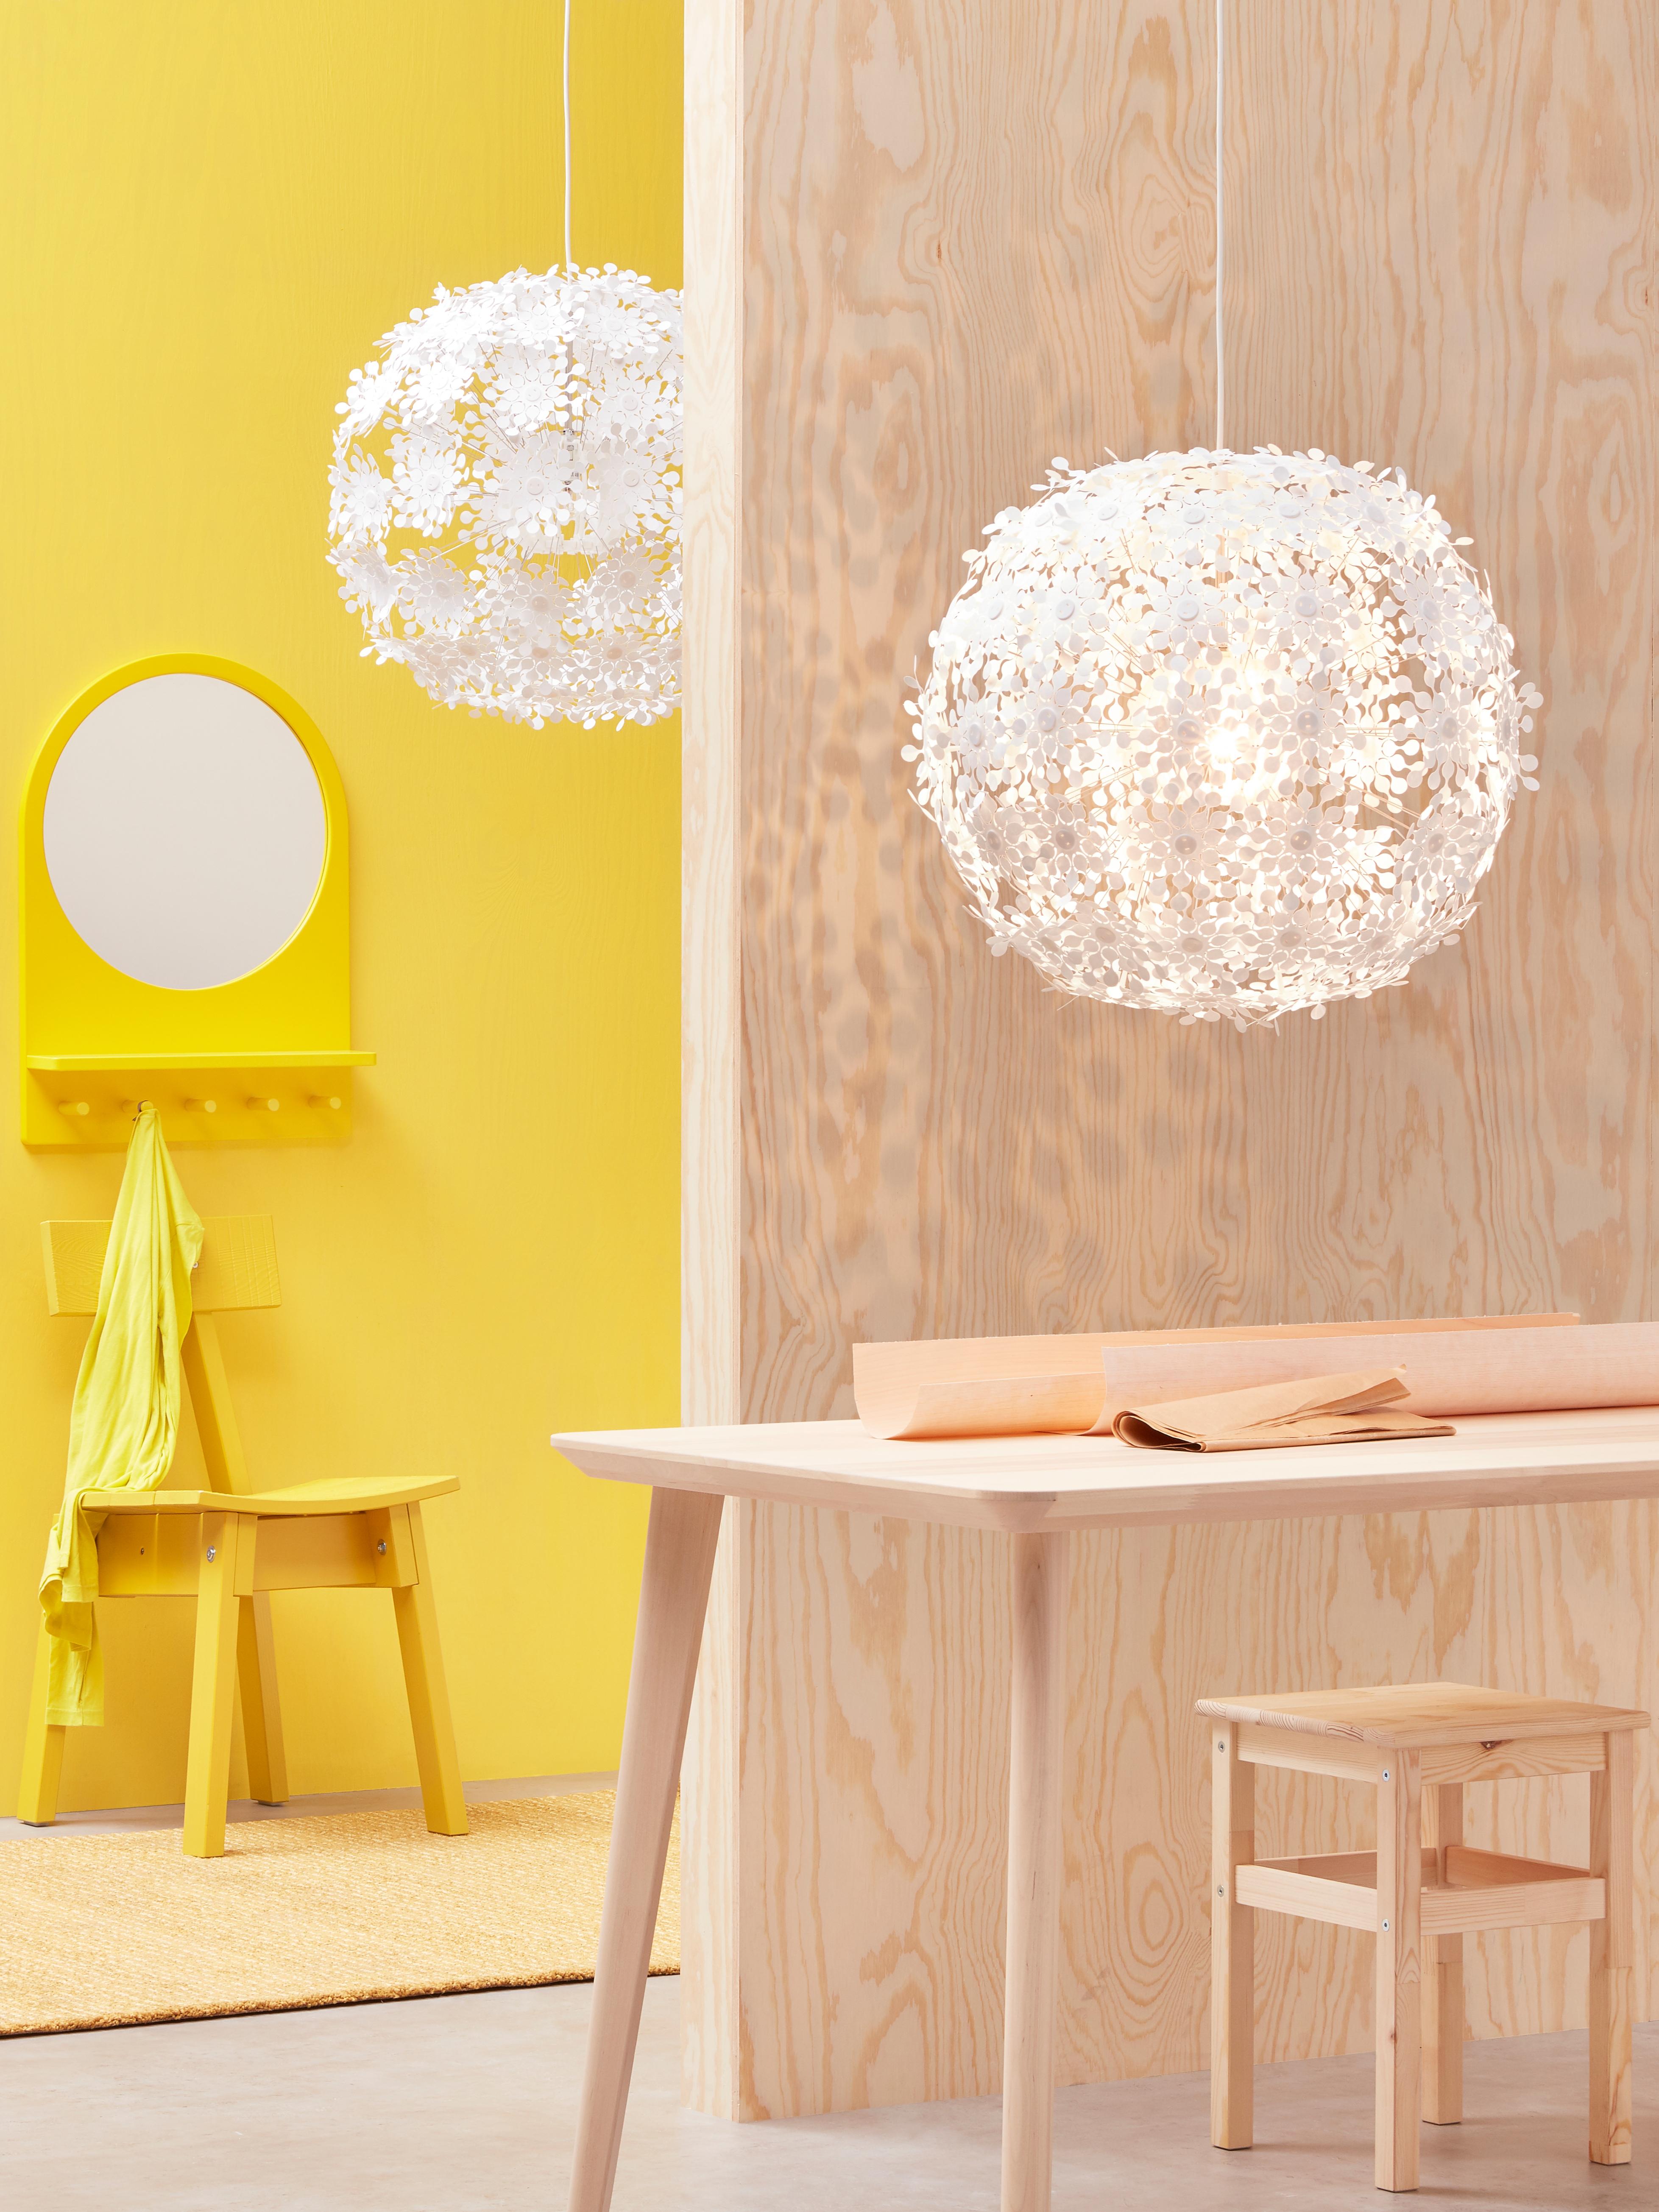 Una postazione di lavoro con un ingresso sullo sfondo; in entrambi gli ambienti c'è una lampada a sospensione GRIMSÅS bianca.